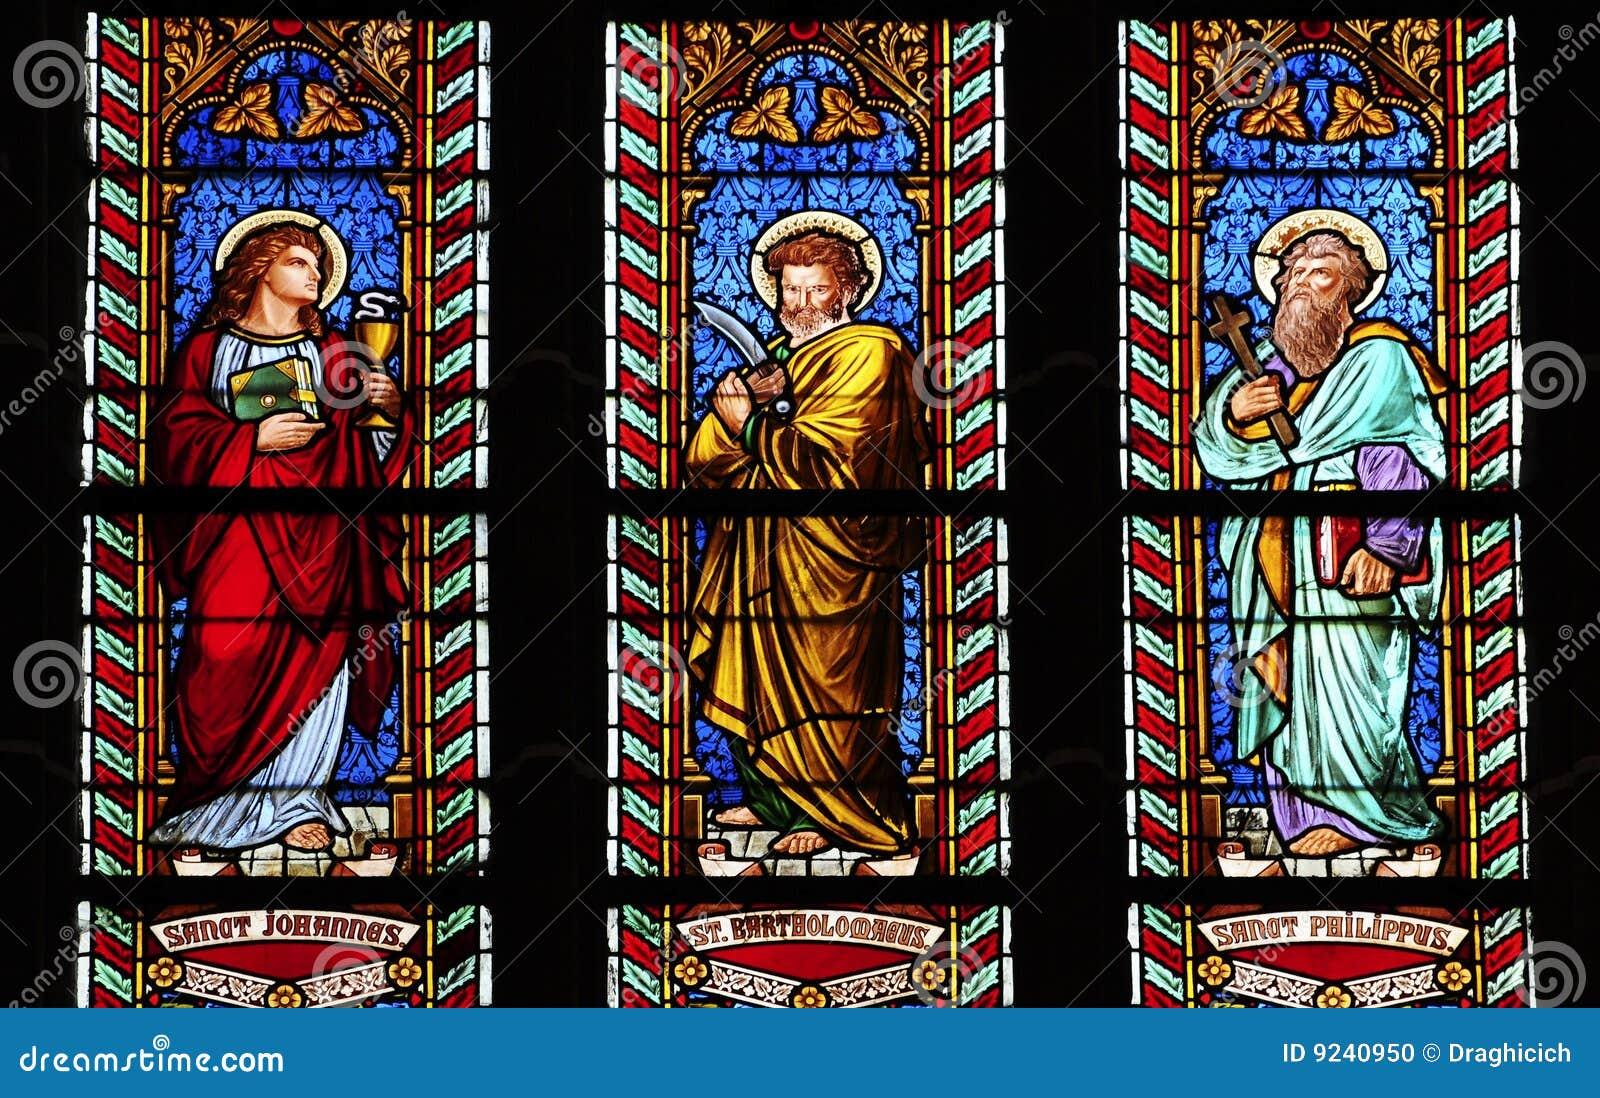 Drei glas befleckte fenster in der kirche mit heiligem johannes